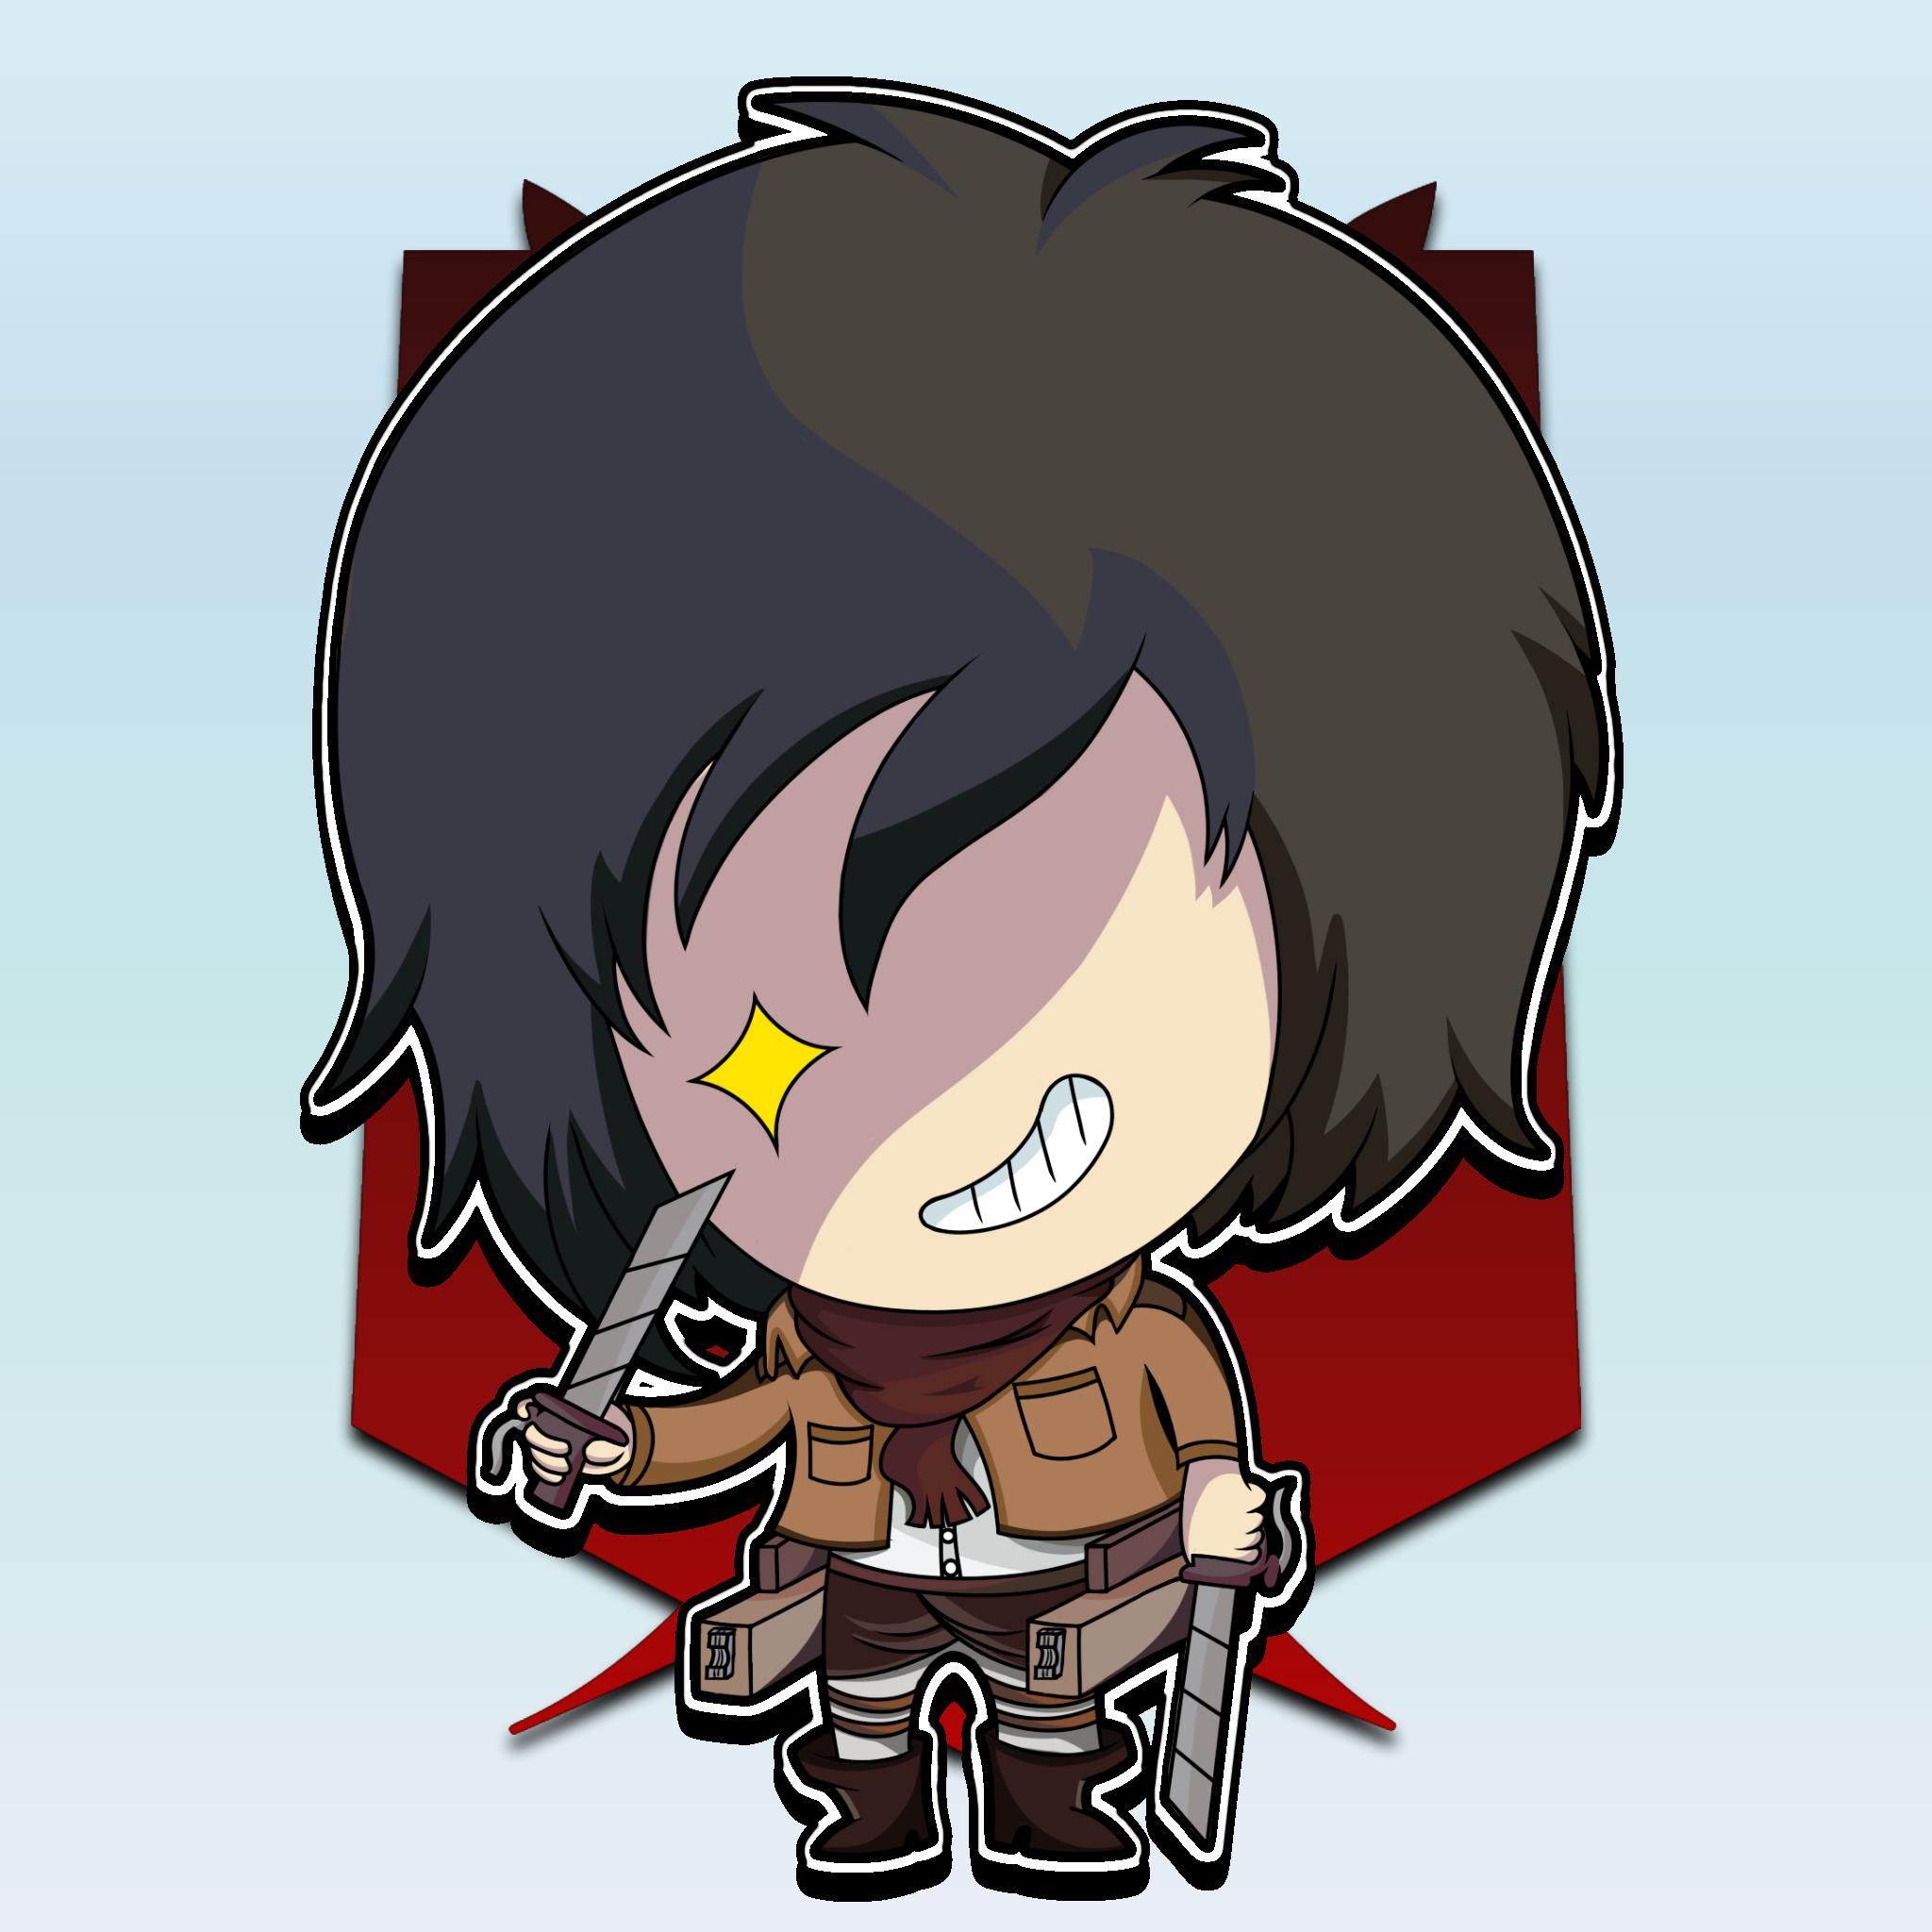 Mikasa Ackerman [Drawing] - 5/23/16